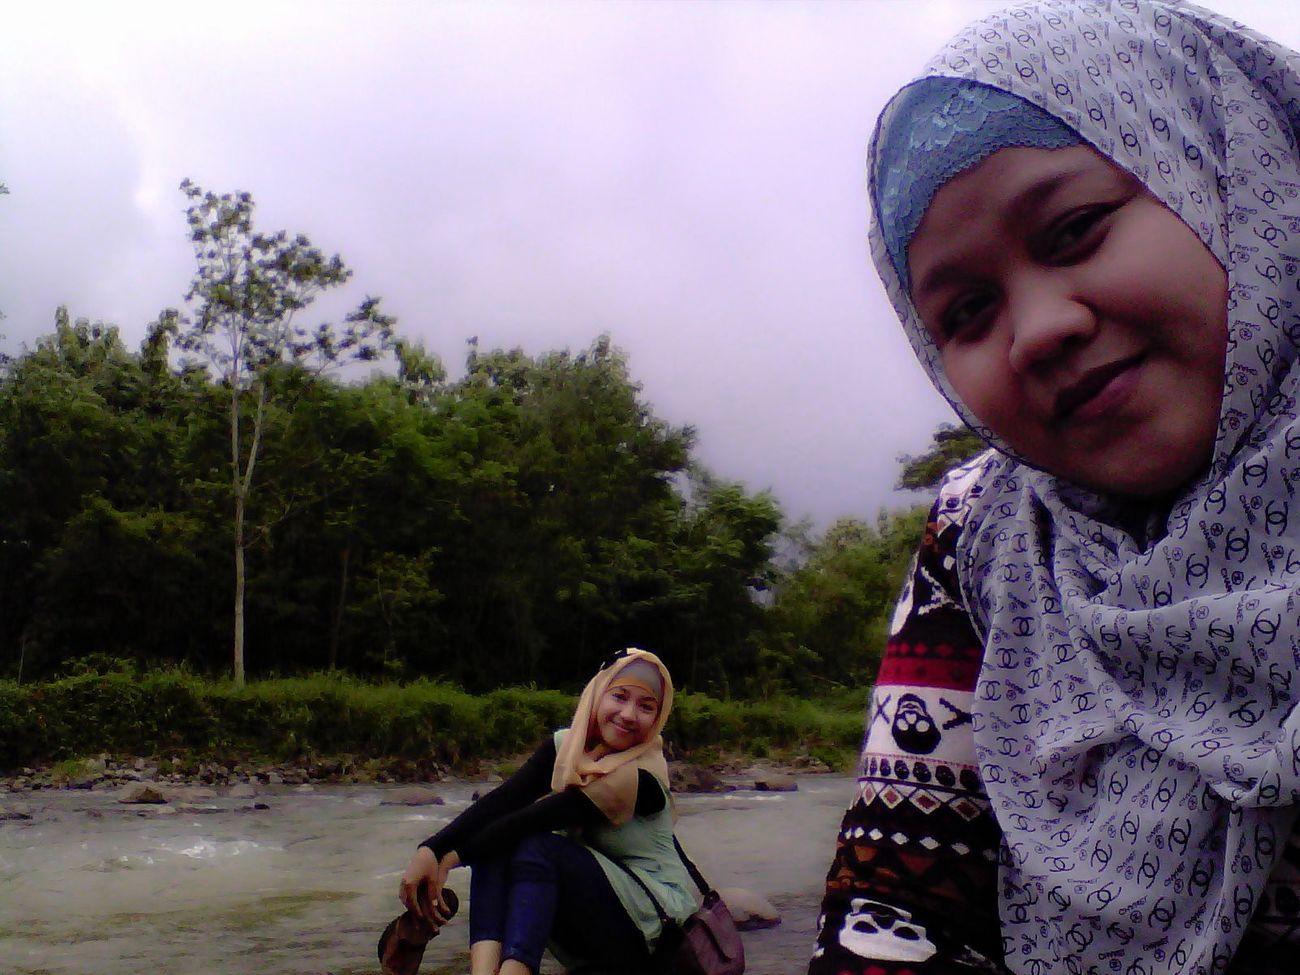 Selfie With My Friend